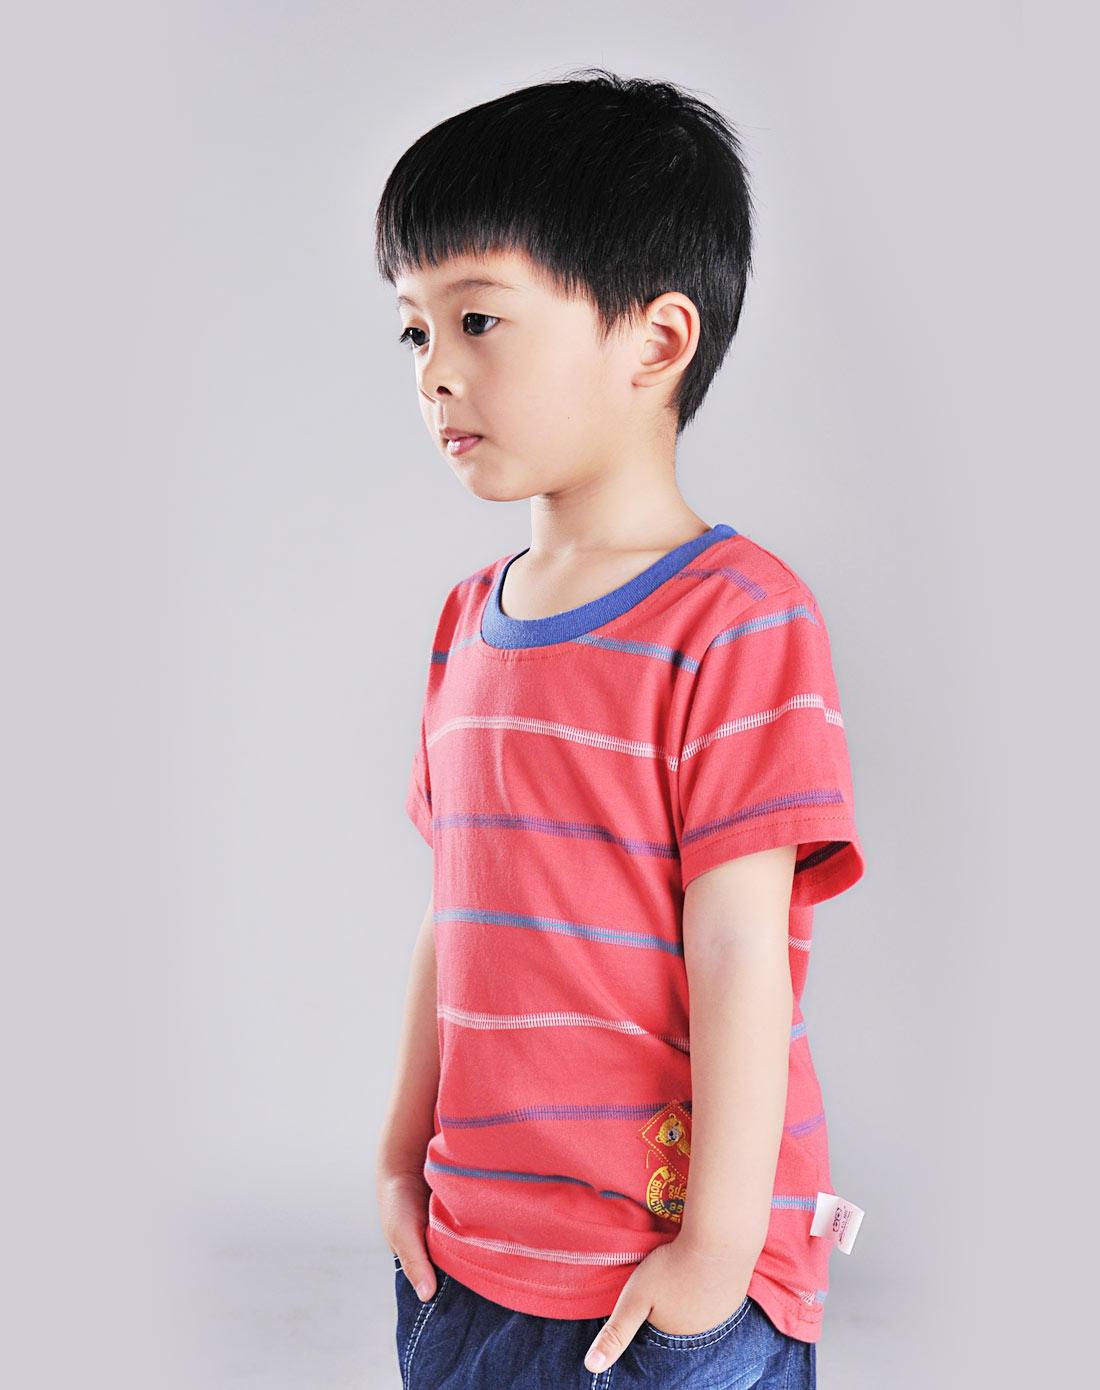 小童简单编发发型